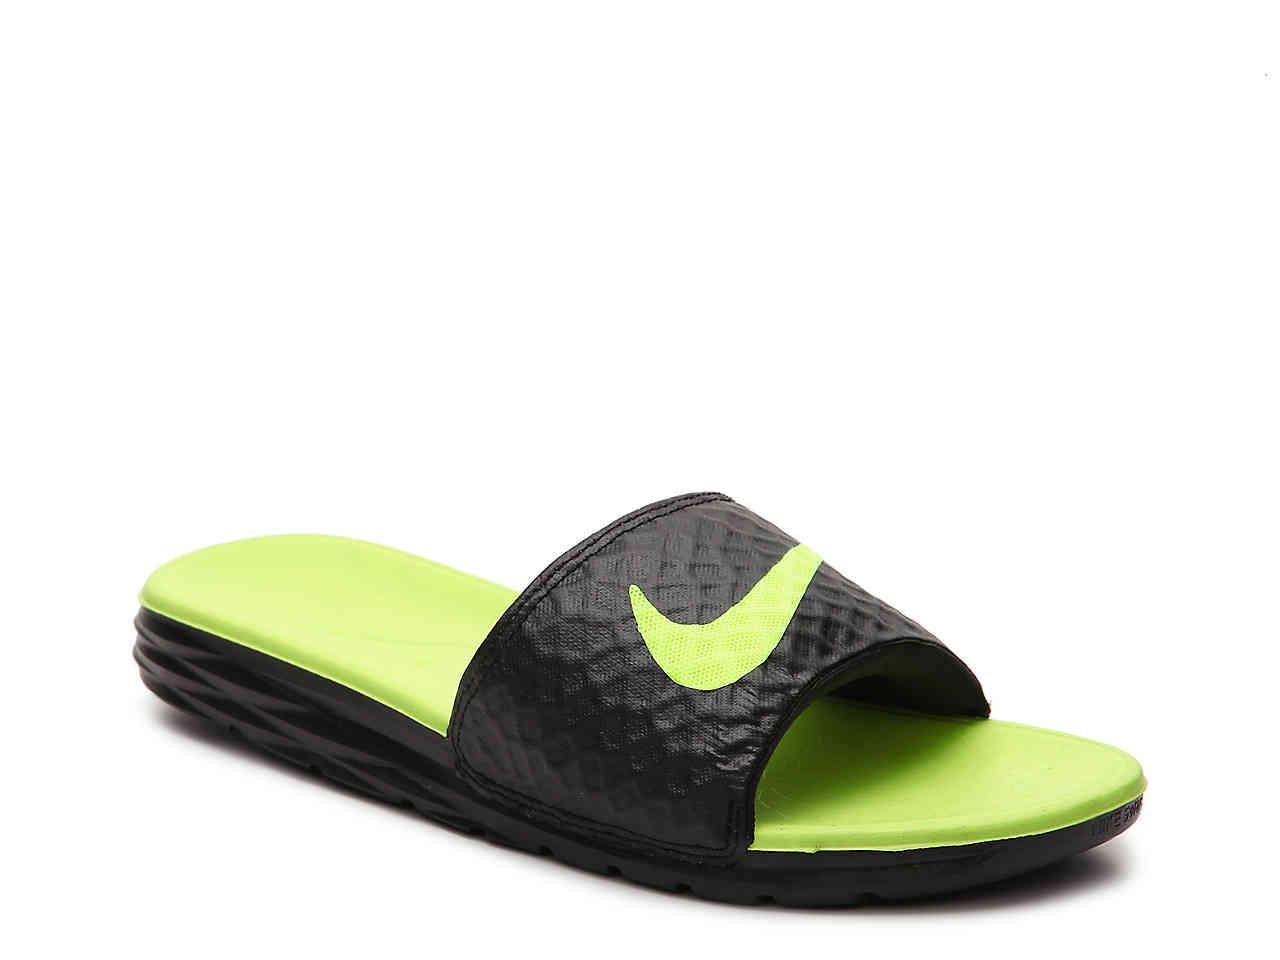 Benassi Solarsoft 2 Slide Sandal